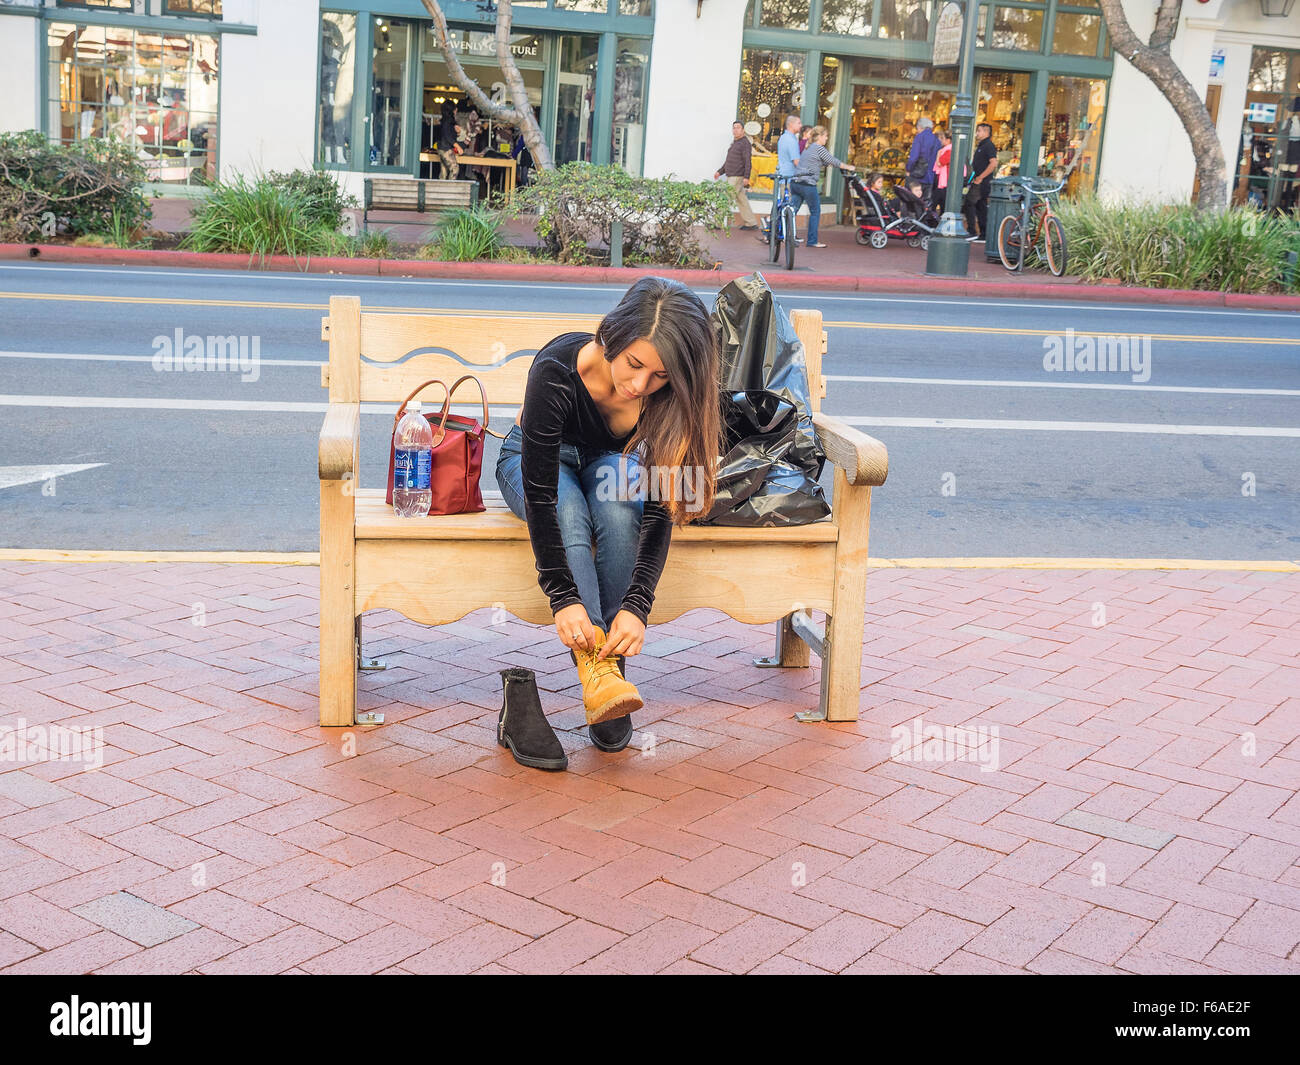 Un giovane adulto ispanica donna cambia in scarpe nuove che ha appena acquistato su una panchina pubblica sul marciapiede Foto Stock